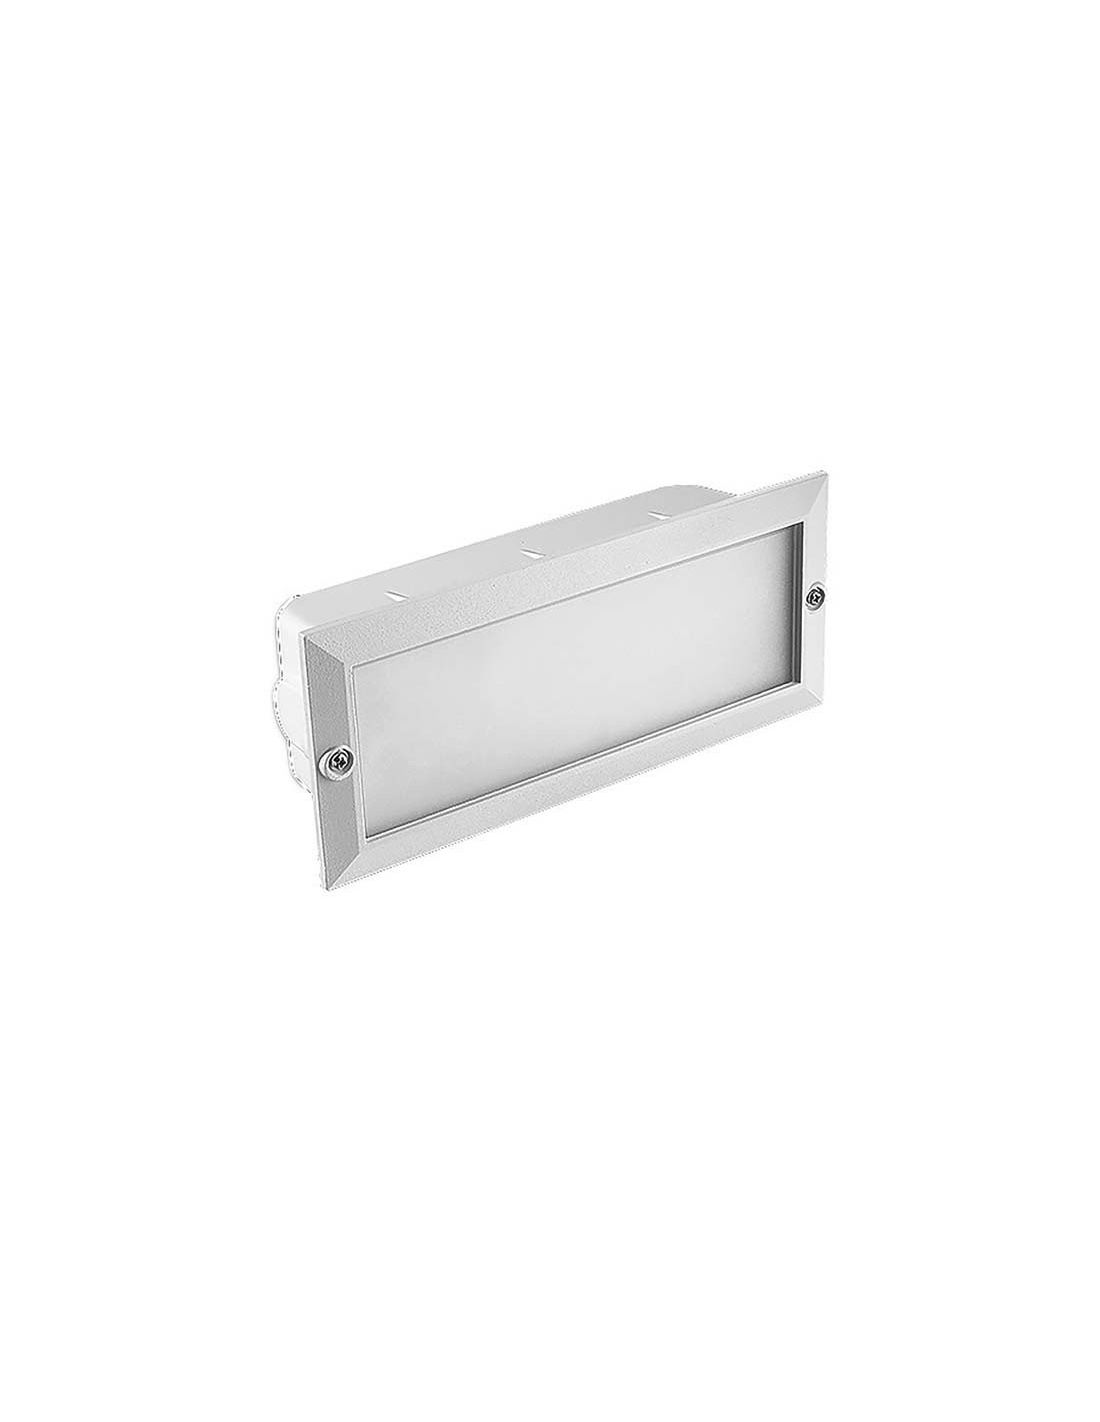 Empotrable para pared de exterior led blanco env o r pido y seguro - Focos empotrables exterior ...